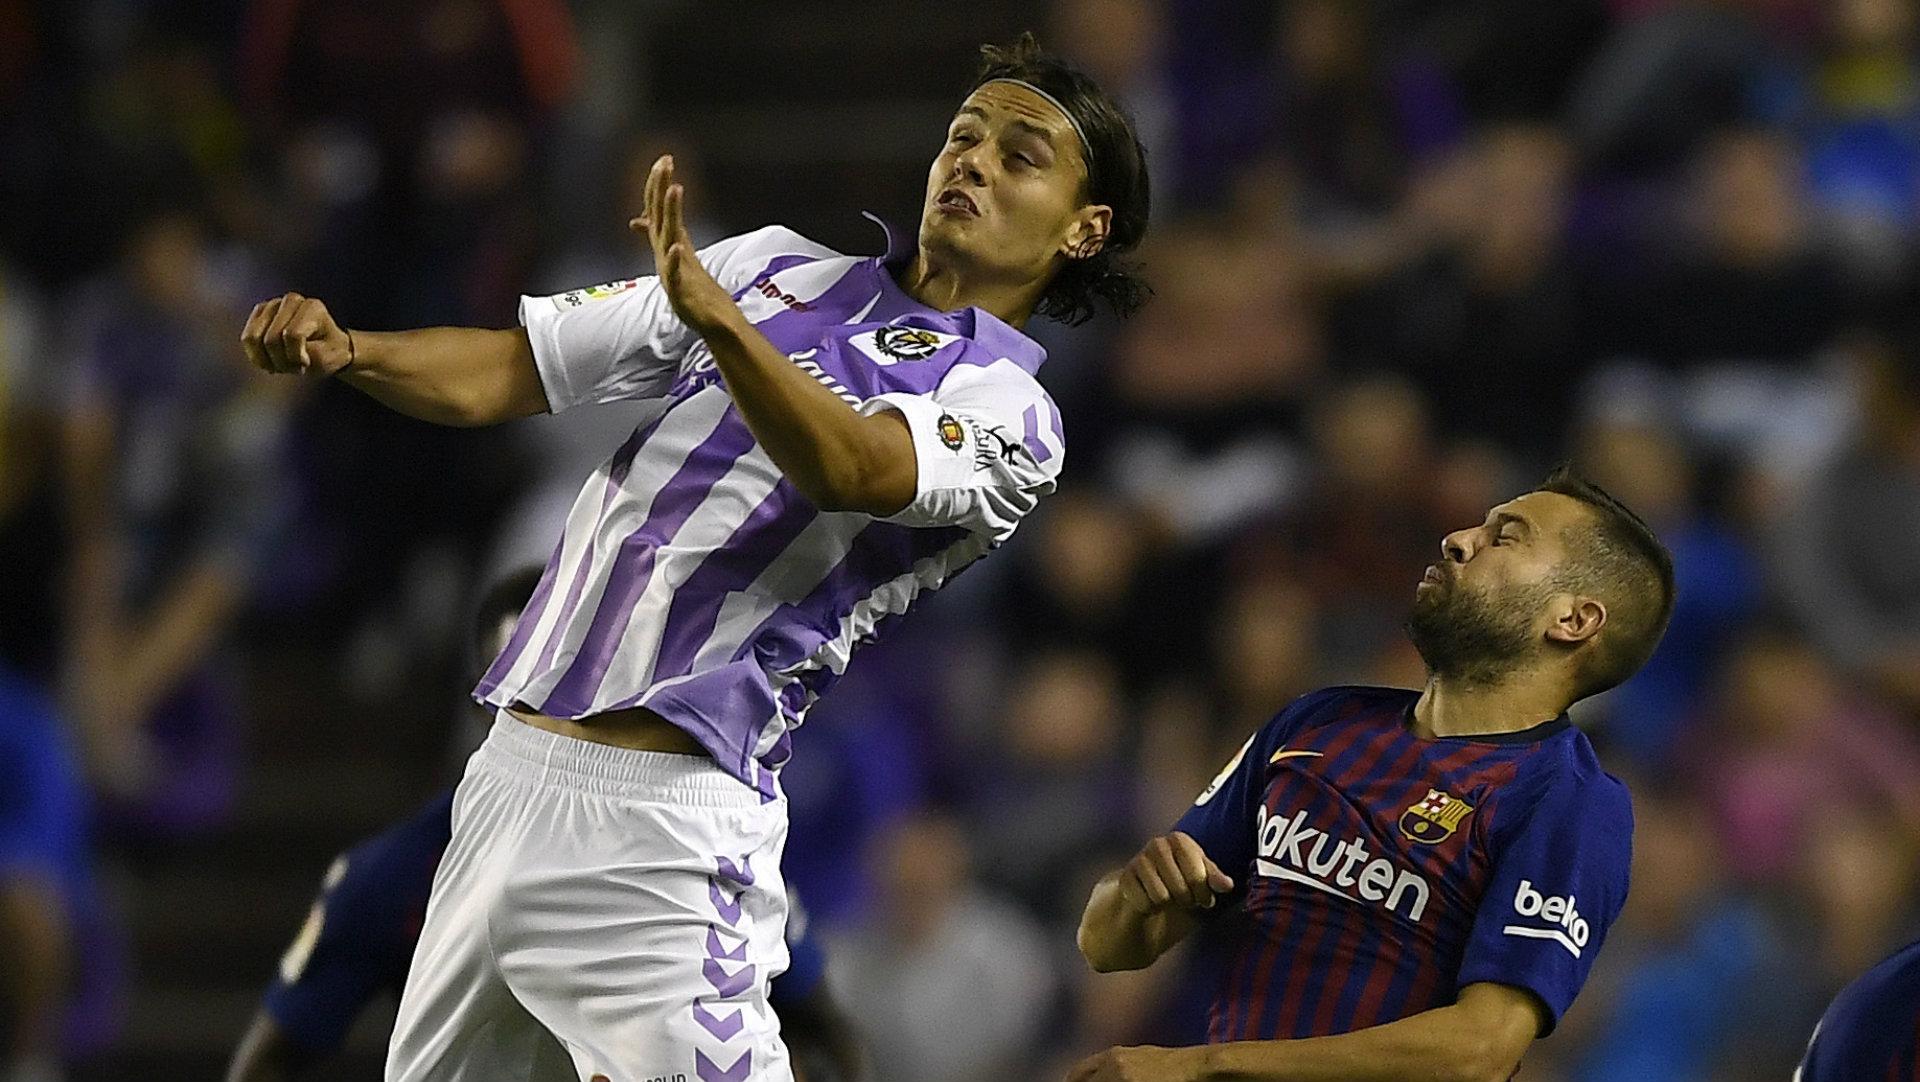 Enes Unal Real Valladolid La Liga 2018-19